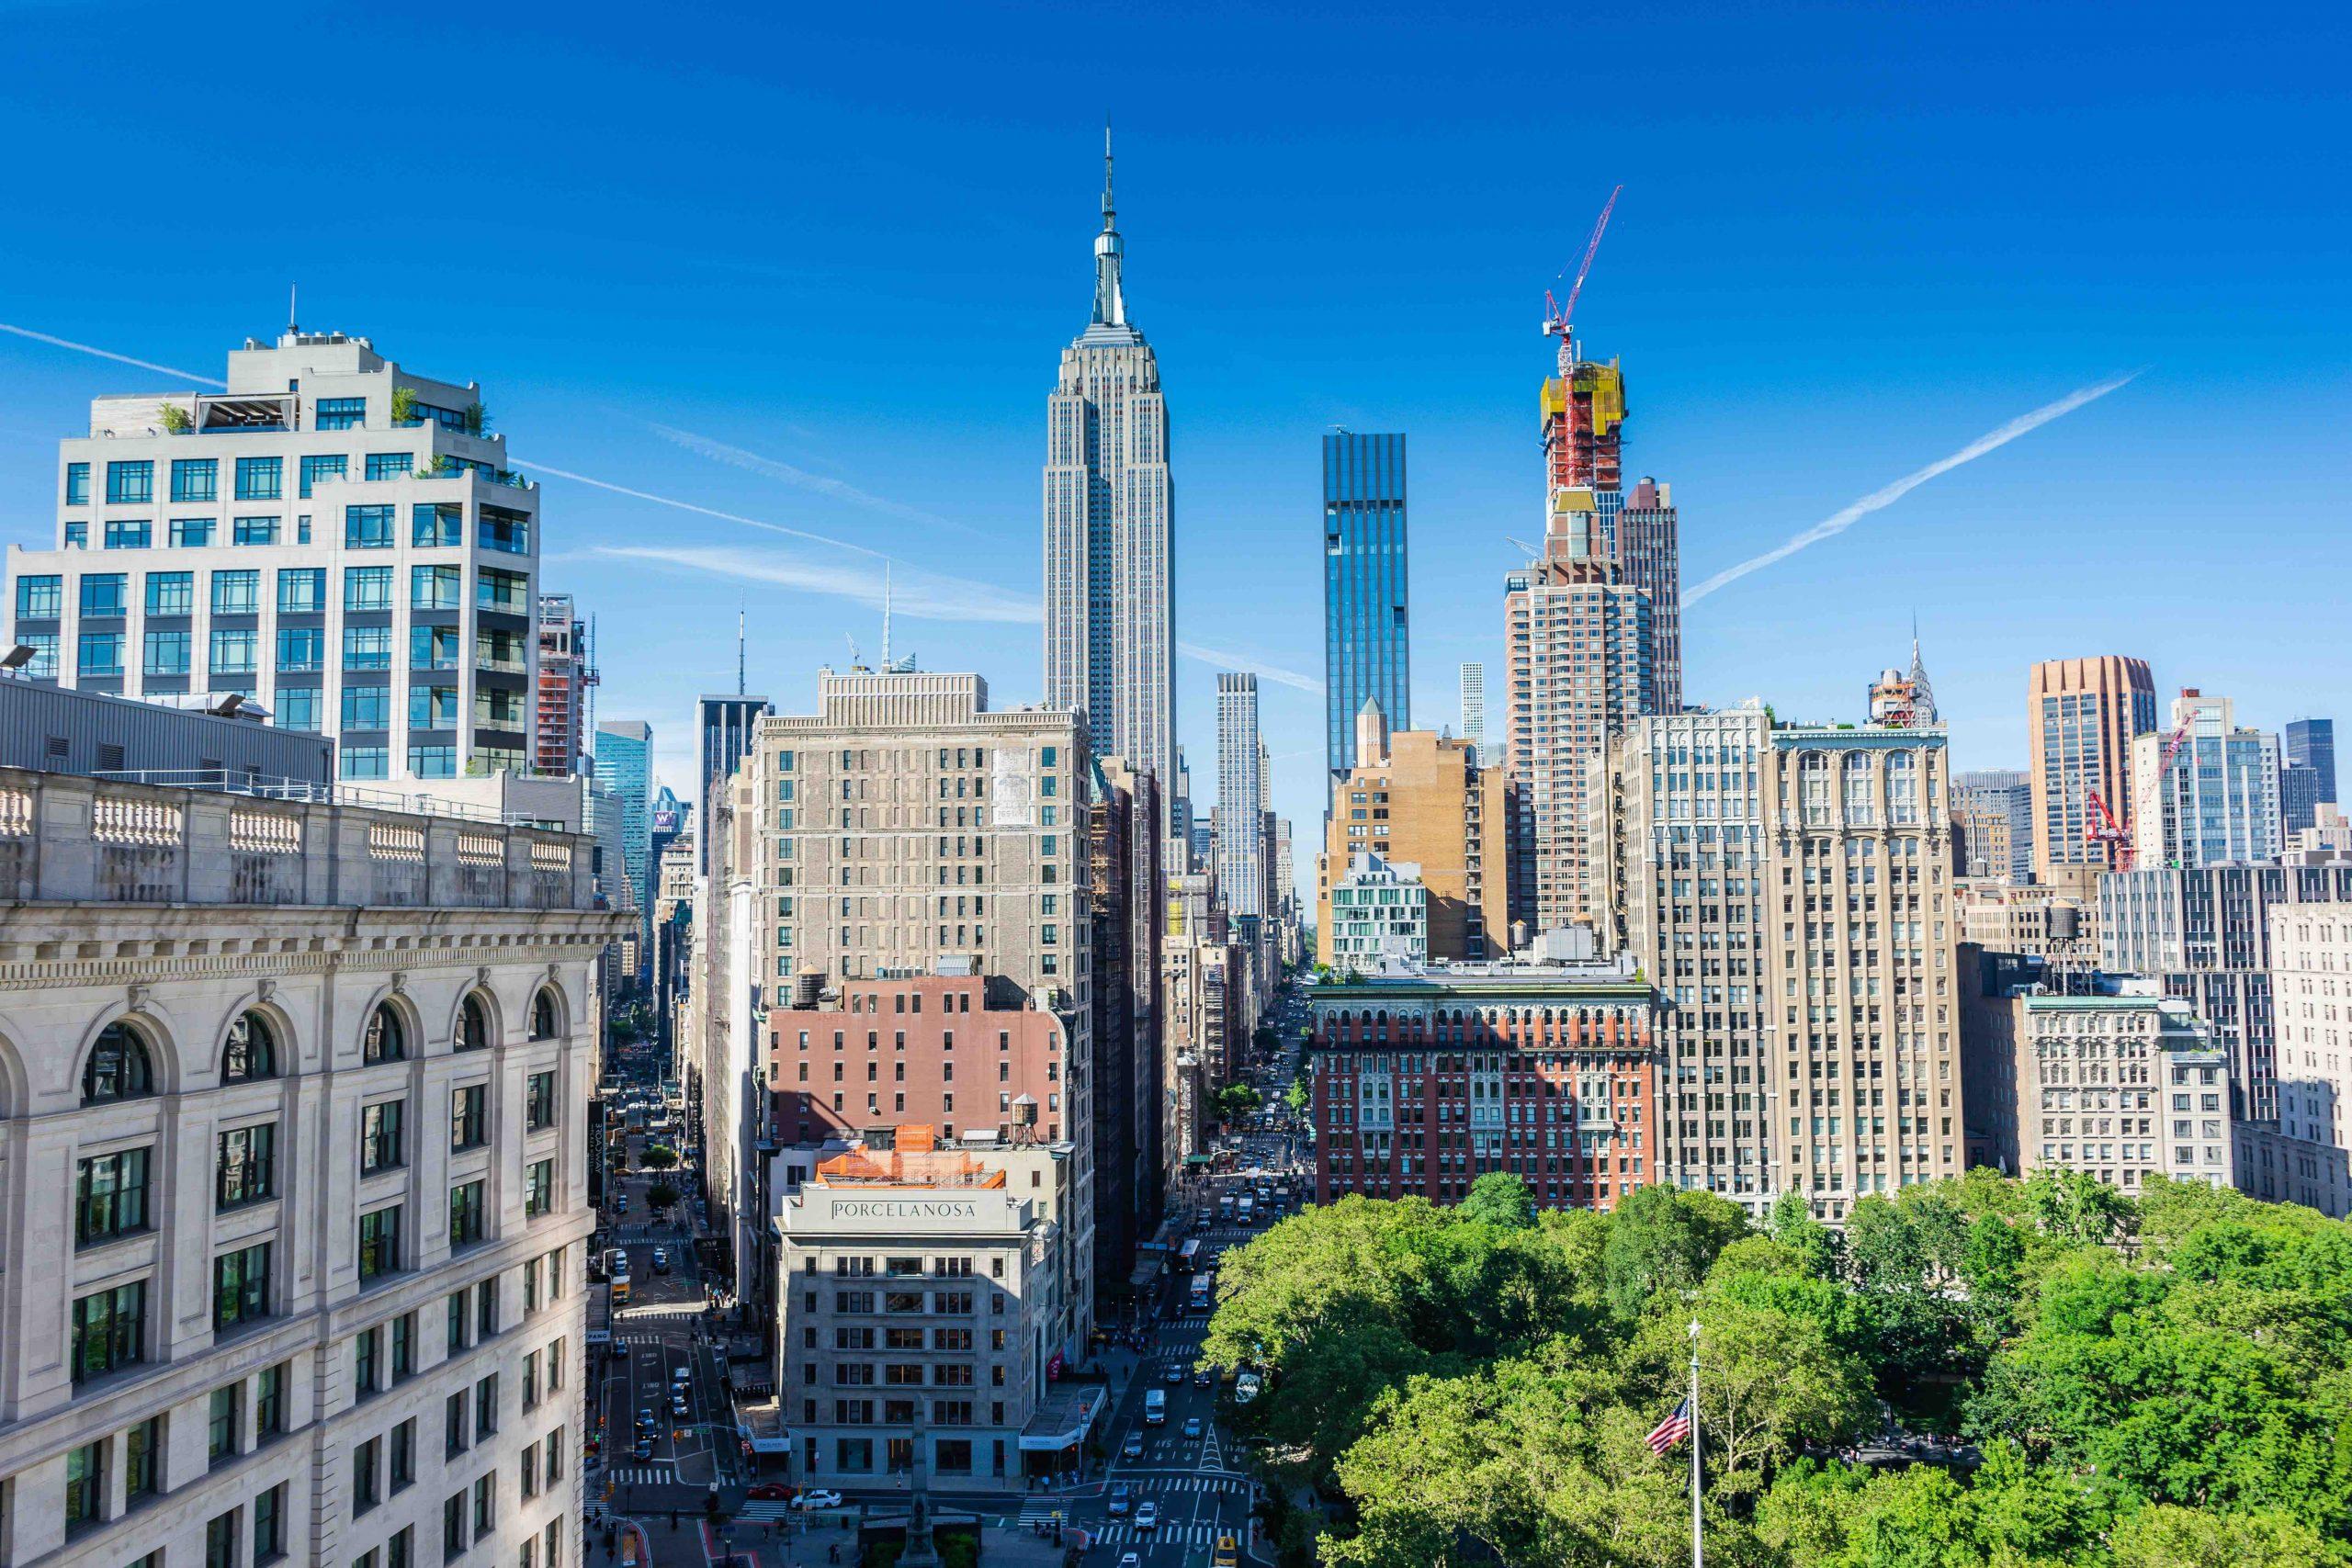 các căn hộ đắt đỏ tại New York